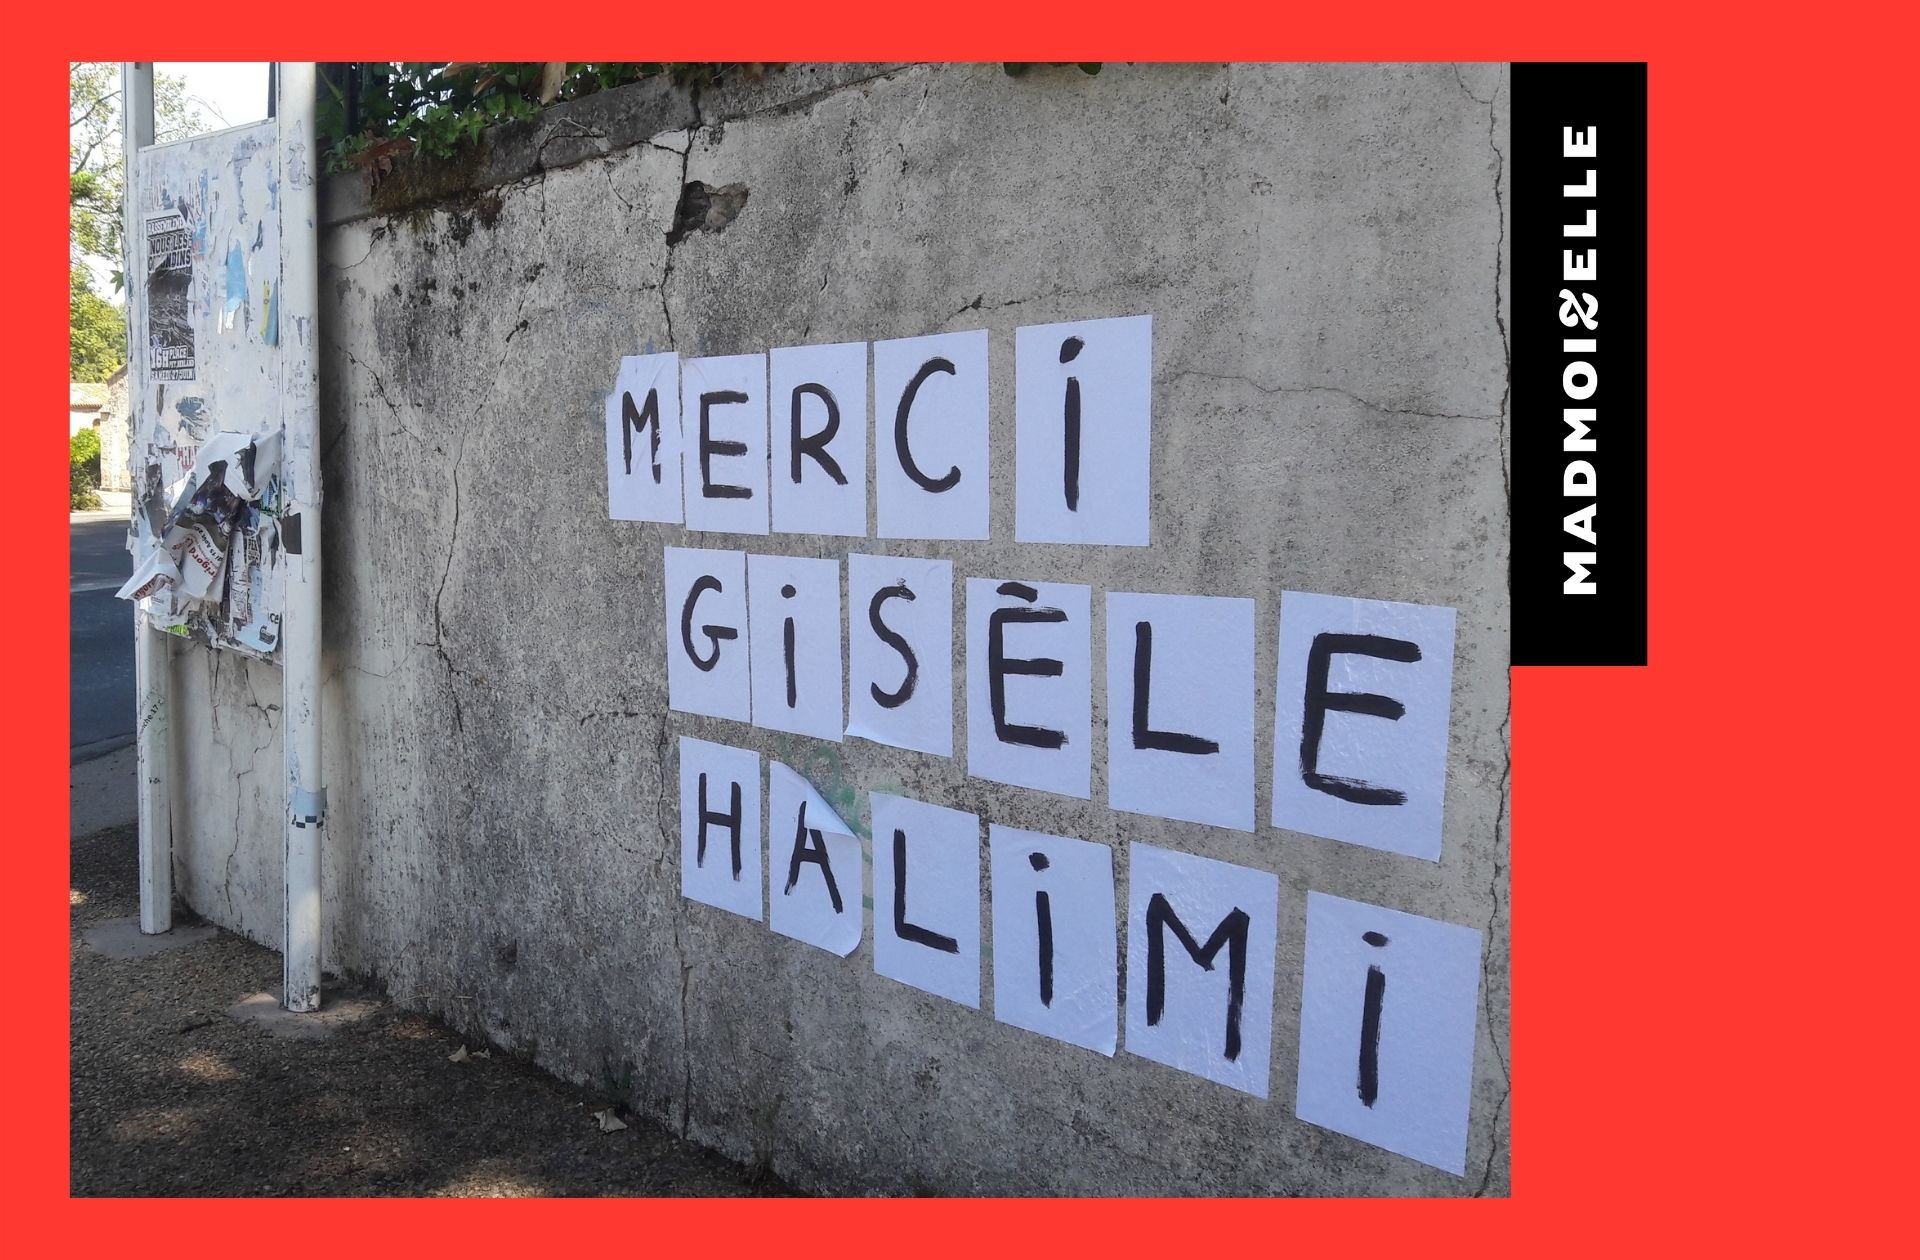 Gisèle Halimi dénonçait la colonisation. Cela va peut-être lui coûter sa place au Panthéon